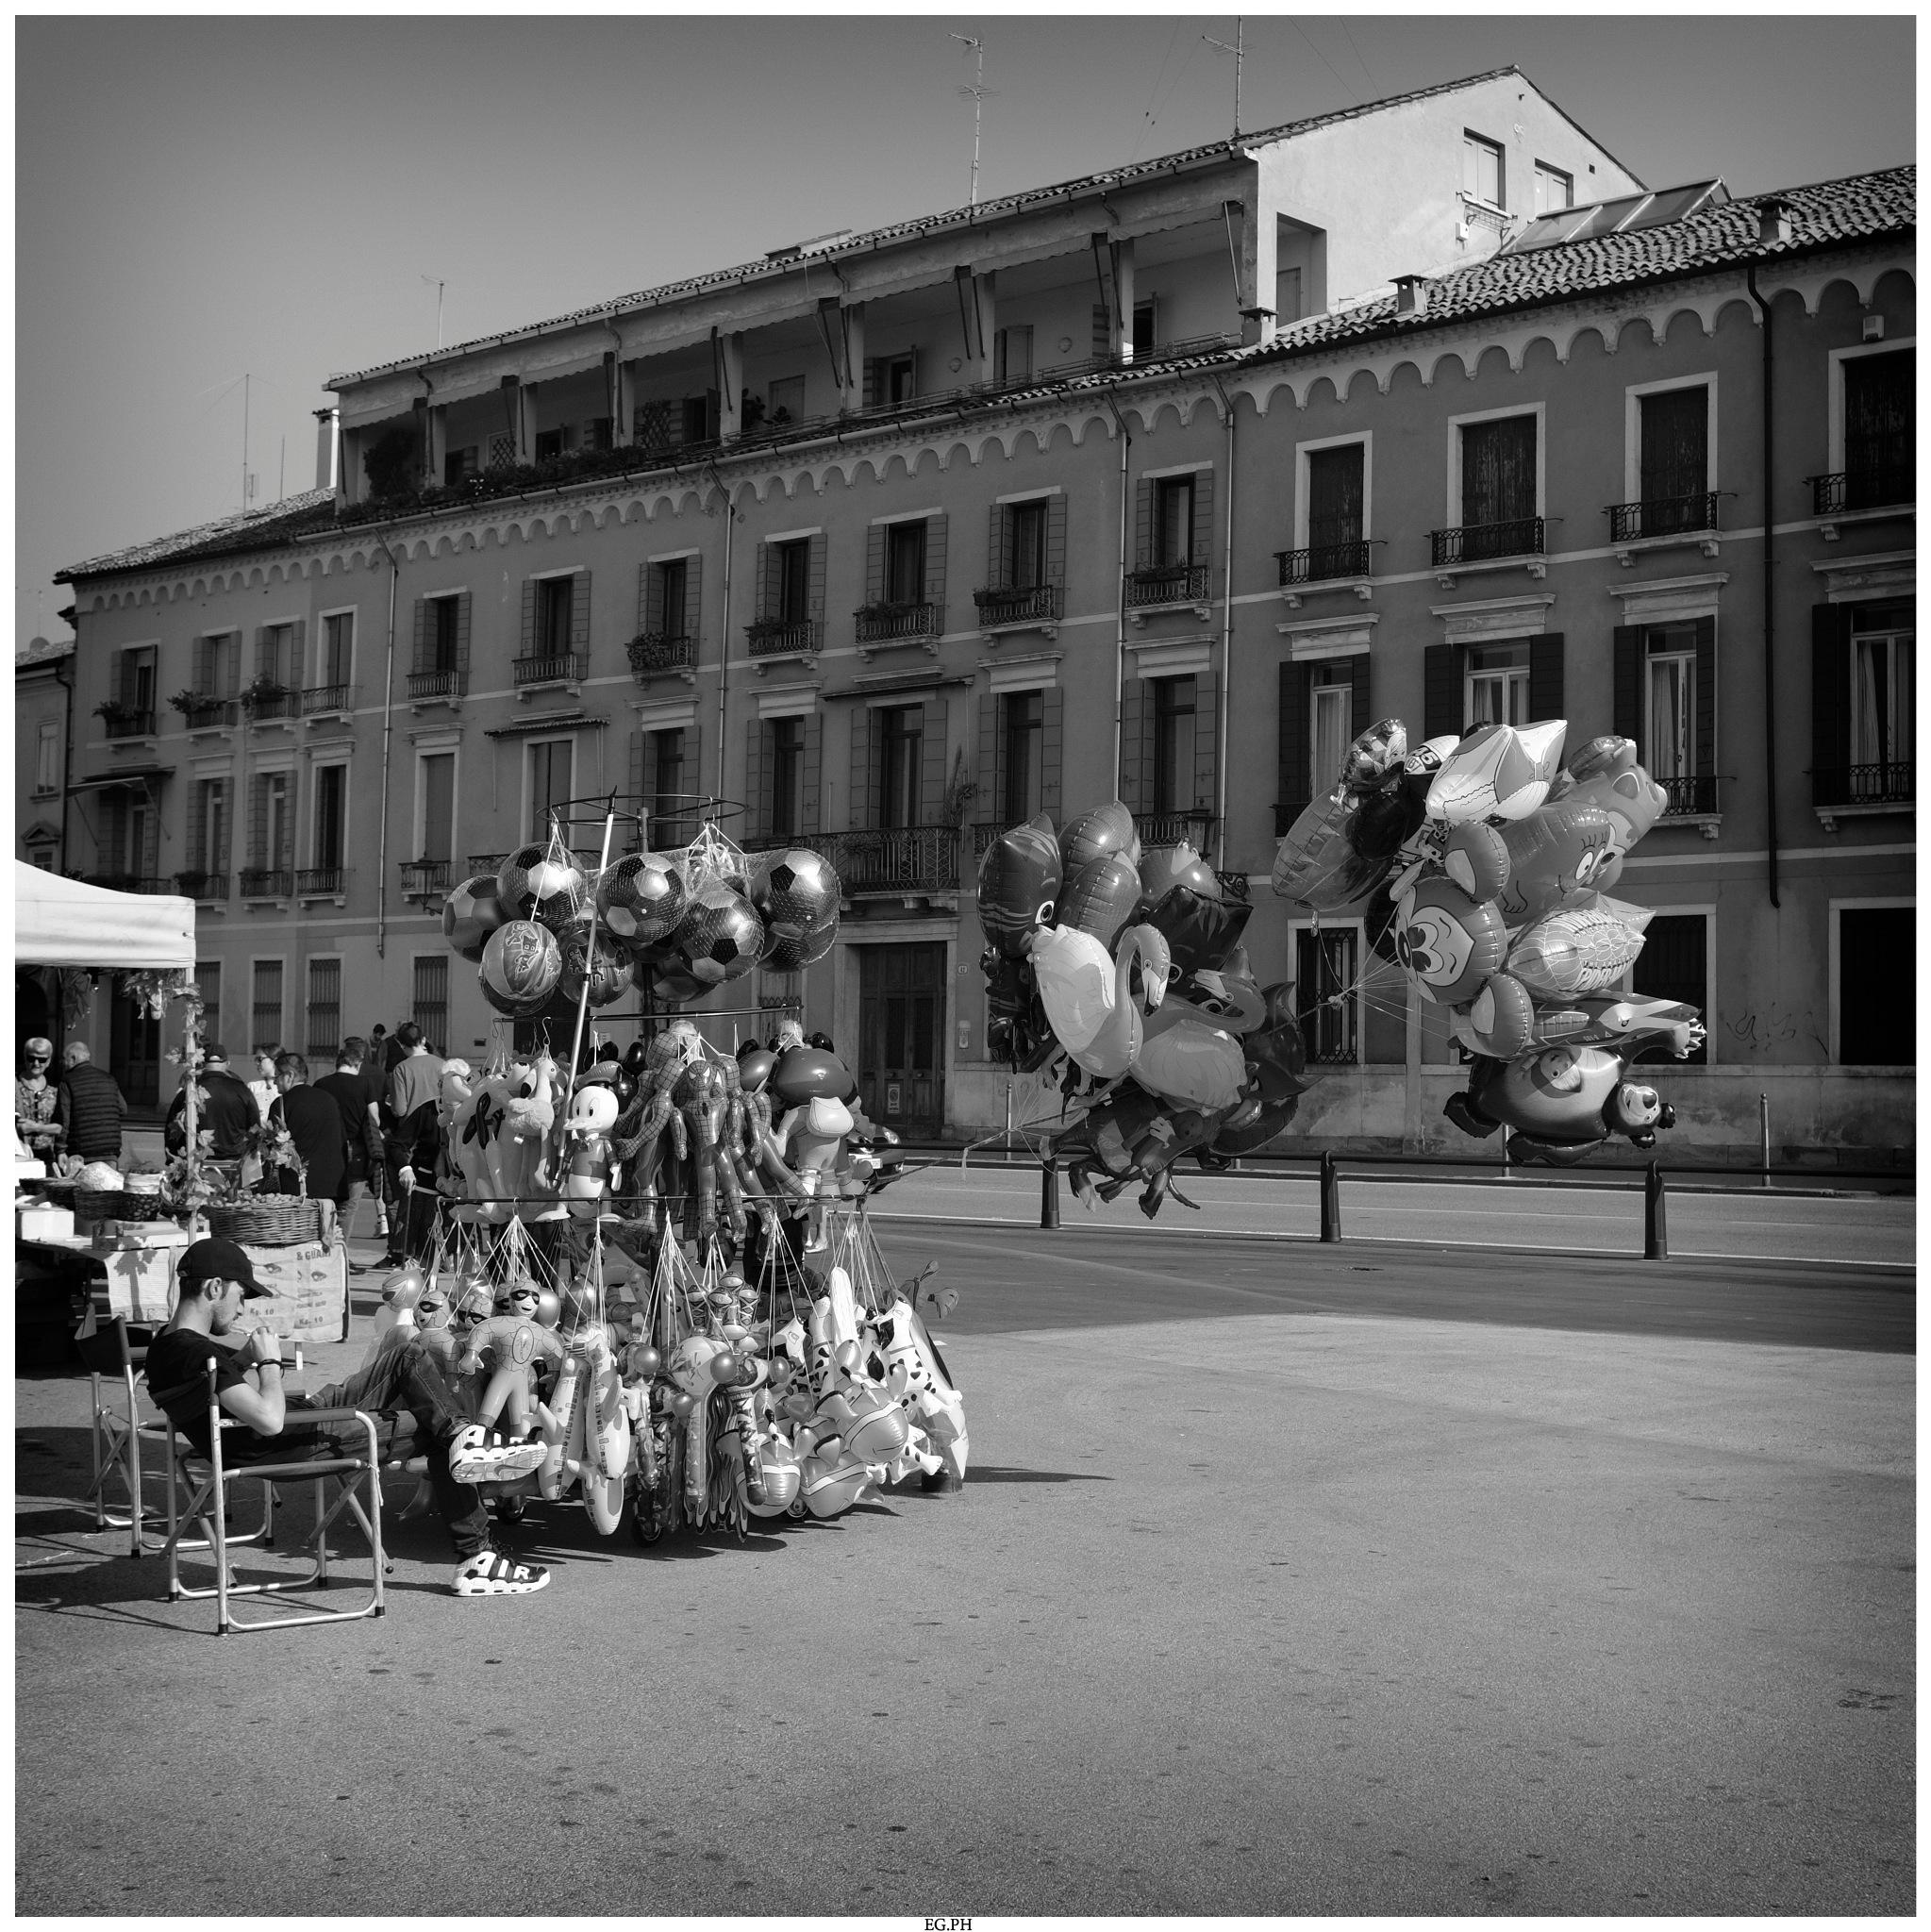 Balloons by Enrico Giacon